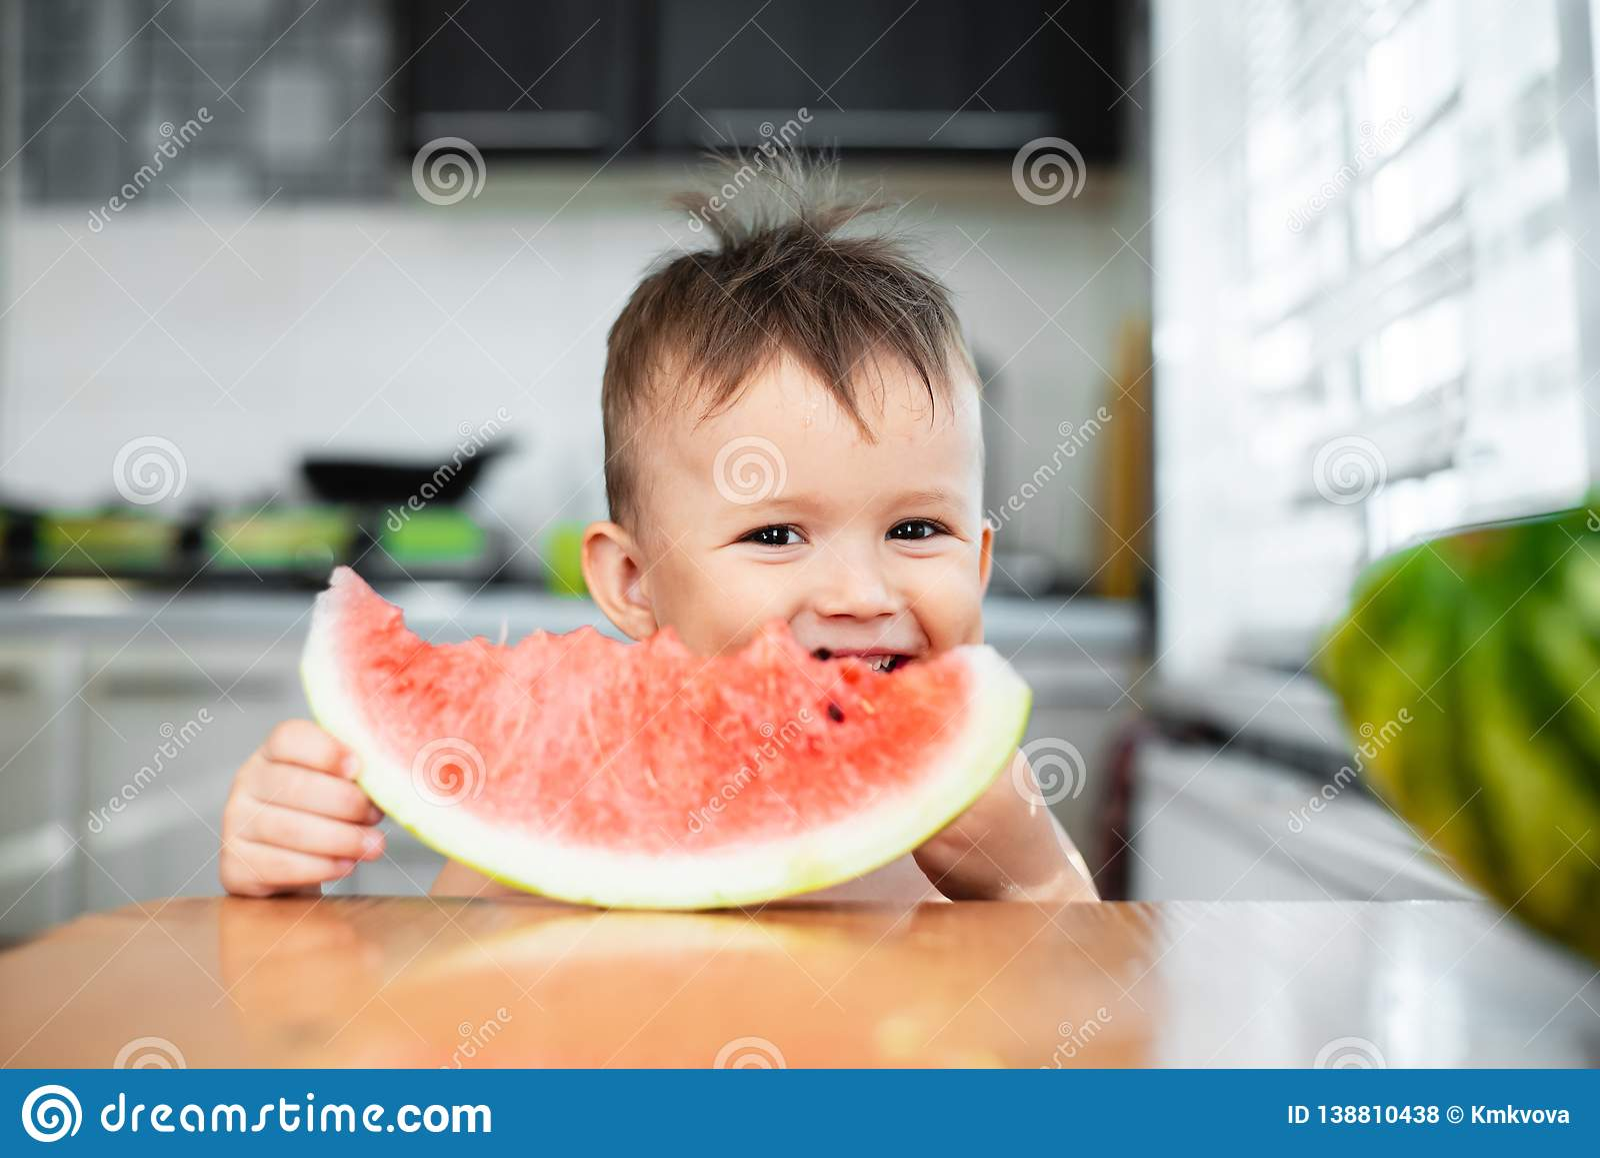 Petit garçon mignon mangeant la pastèque dans la cuisine